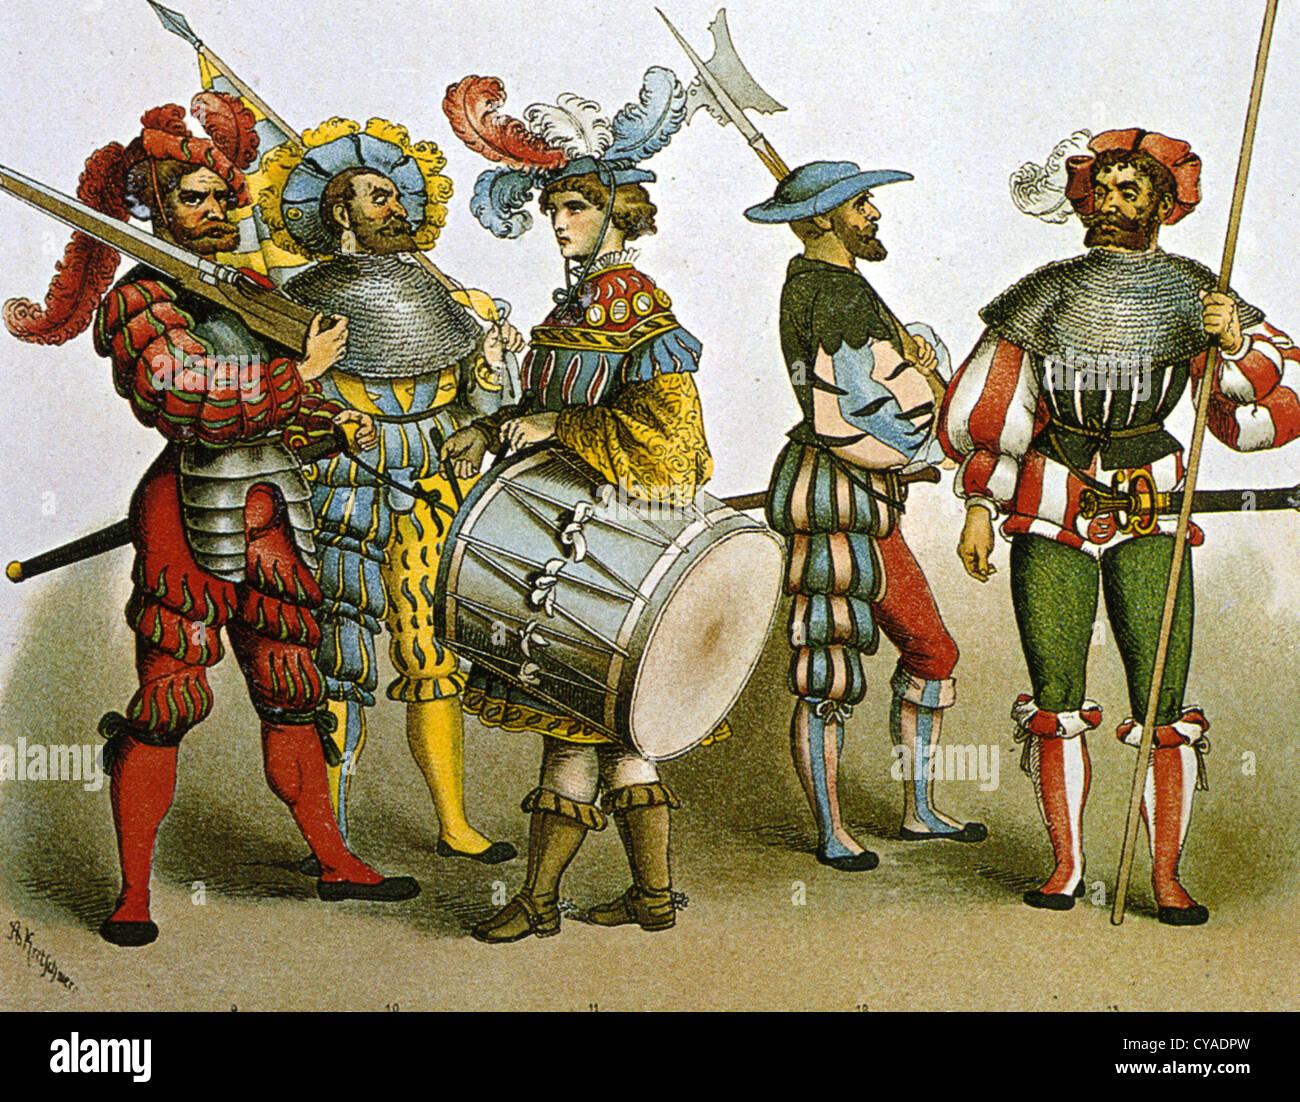 DEUTSCHE Soldaten in Uniformen der Parade in der Mitte des 16. Jahrhunderts Stockbild